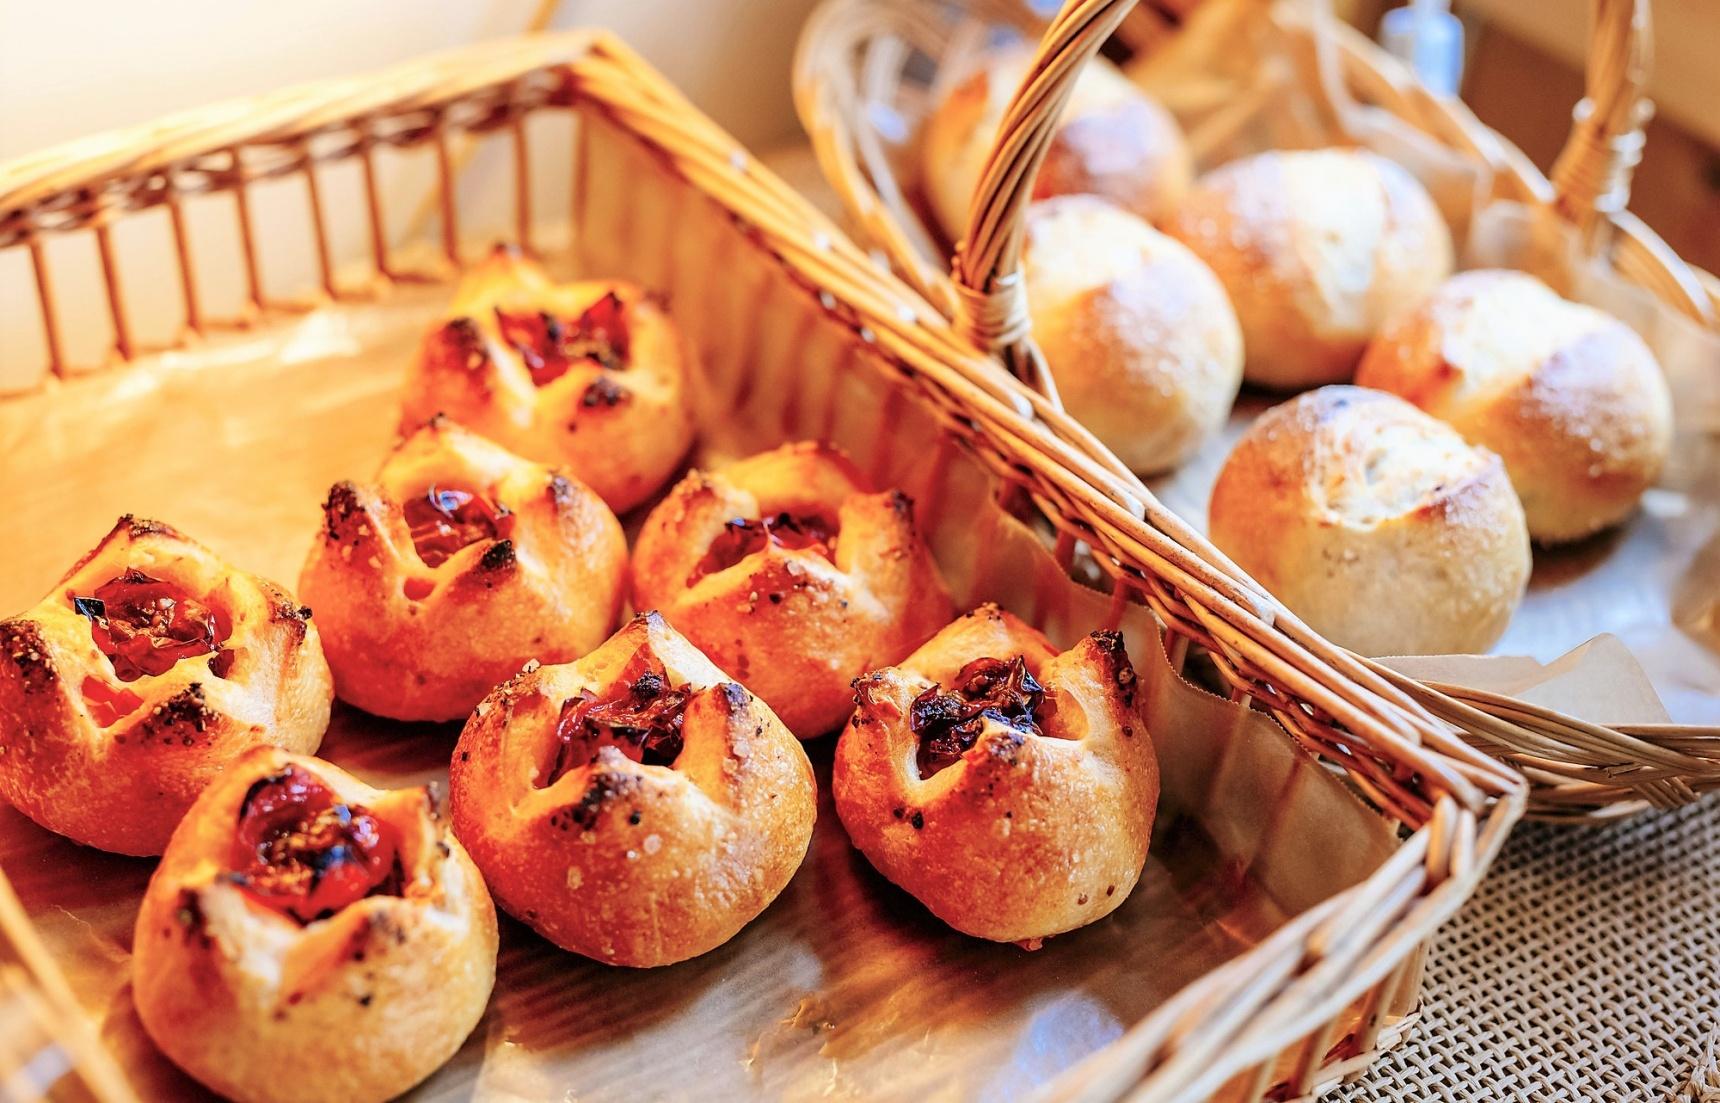 吃货党|面包控注意咯!太容易让人上瘾的10家京都面包店